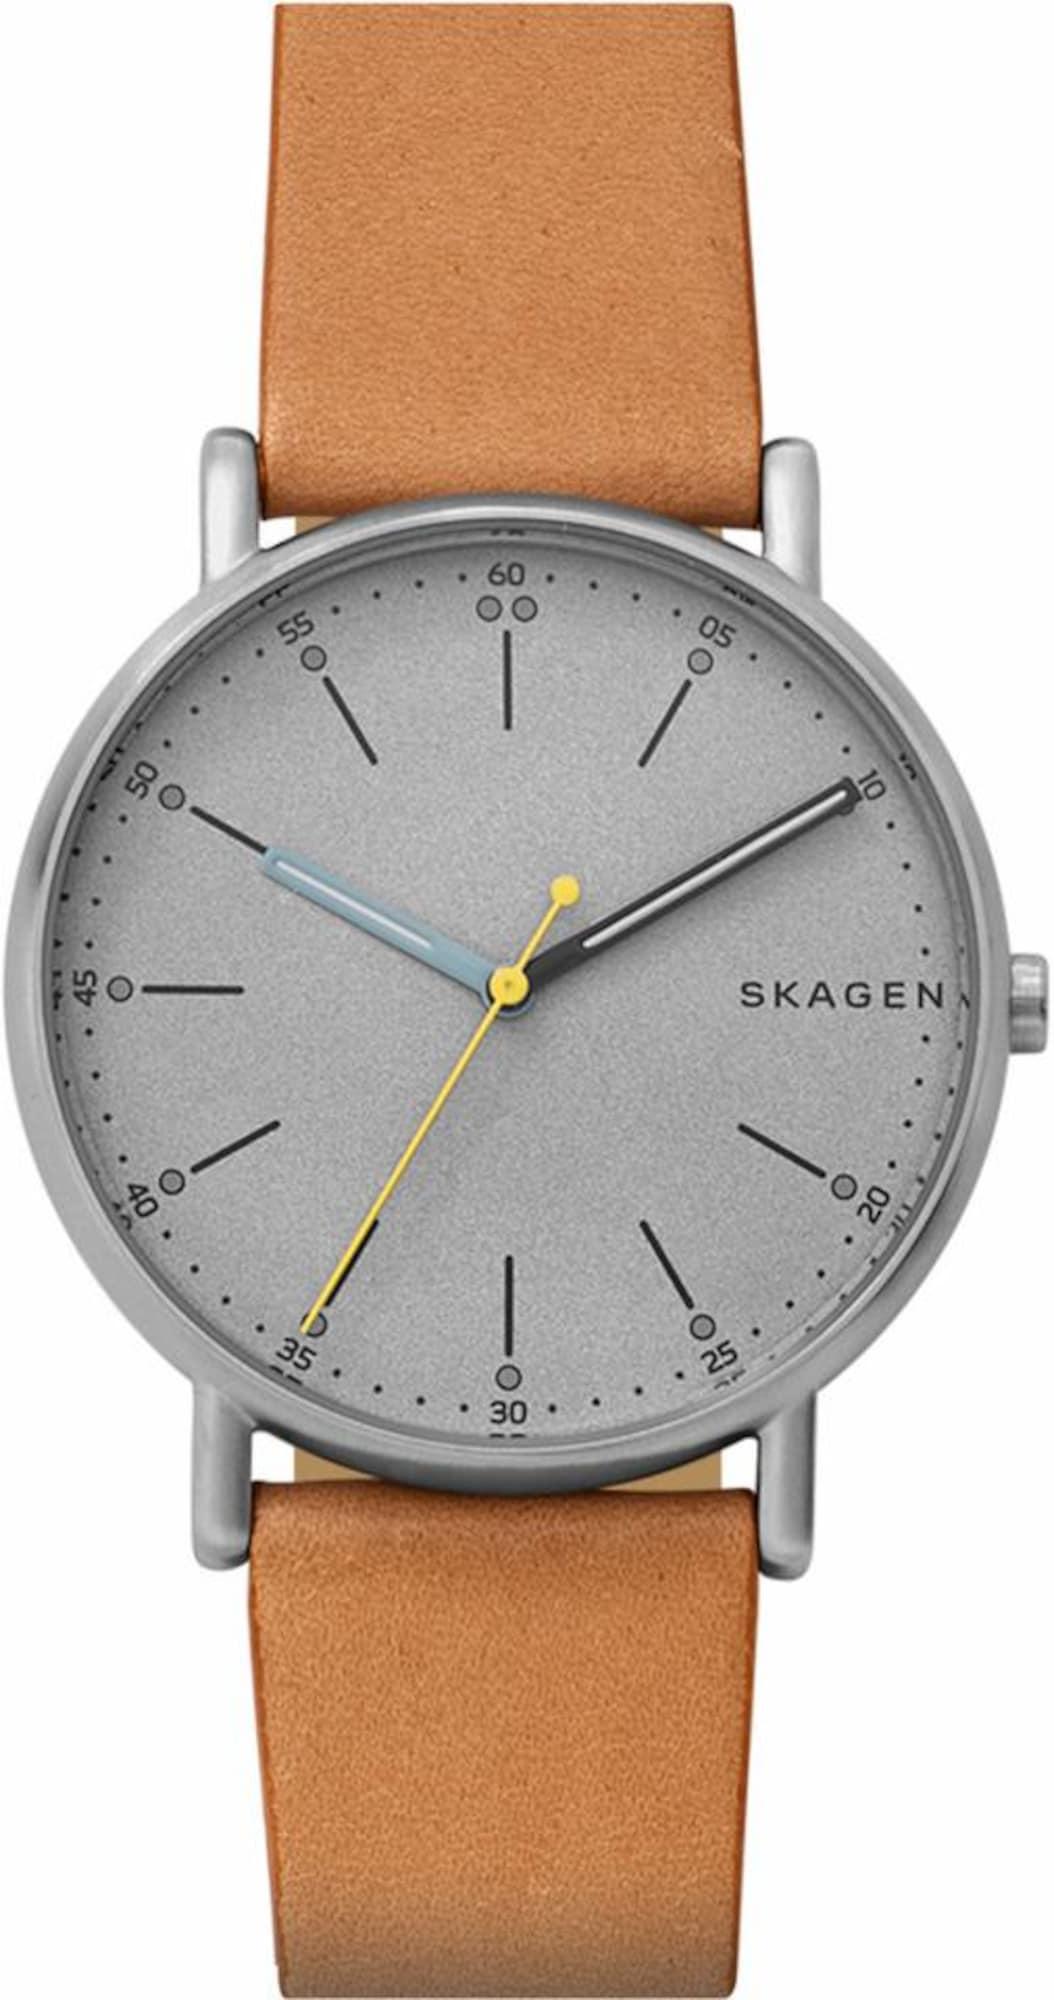 Quarzuhr »SIGNATUR, SKW6373« | Uhren > Quarzuhren | Braun - Silber | skagen